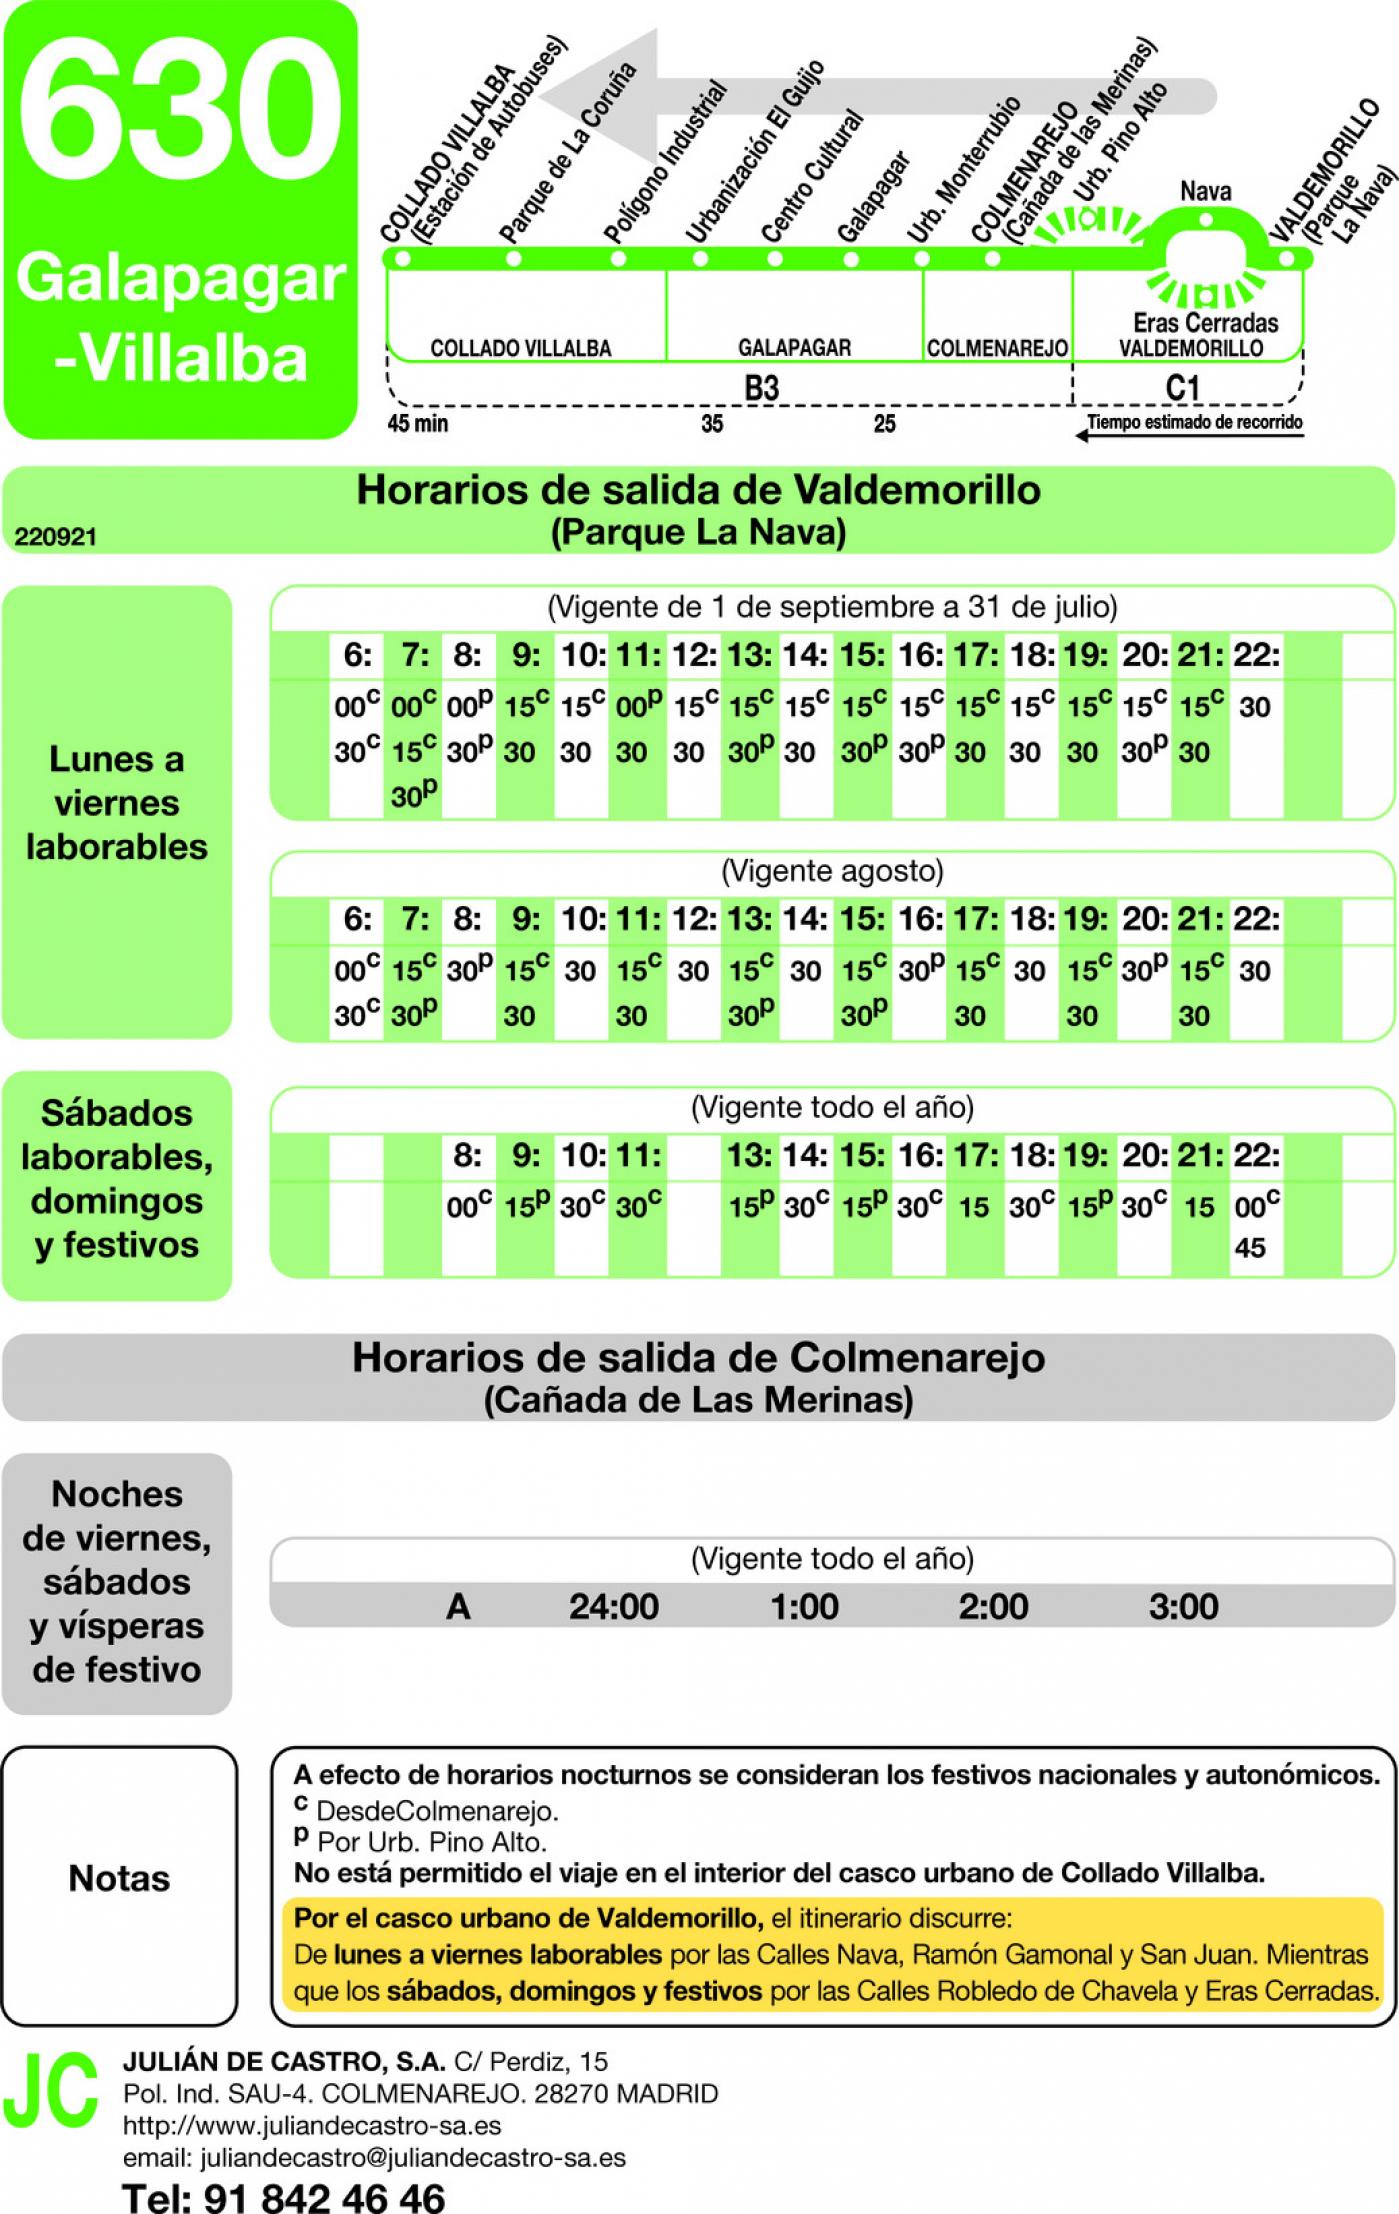 Tabla de horarios y frecuencias de paso en sentido vuelta Línea 630: Villalba (Estación) - Galapagar - Colmenarejo - Valdemorillo